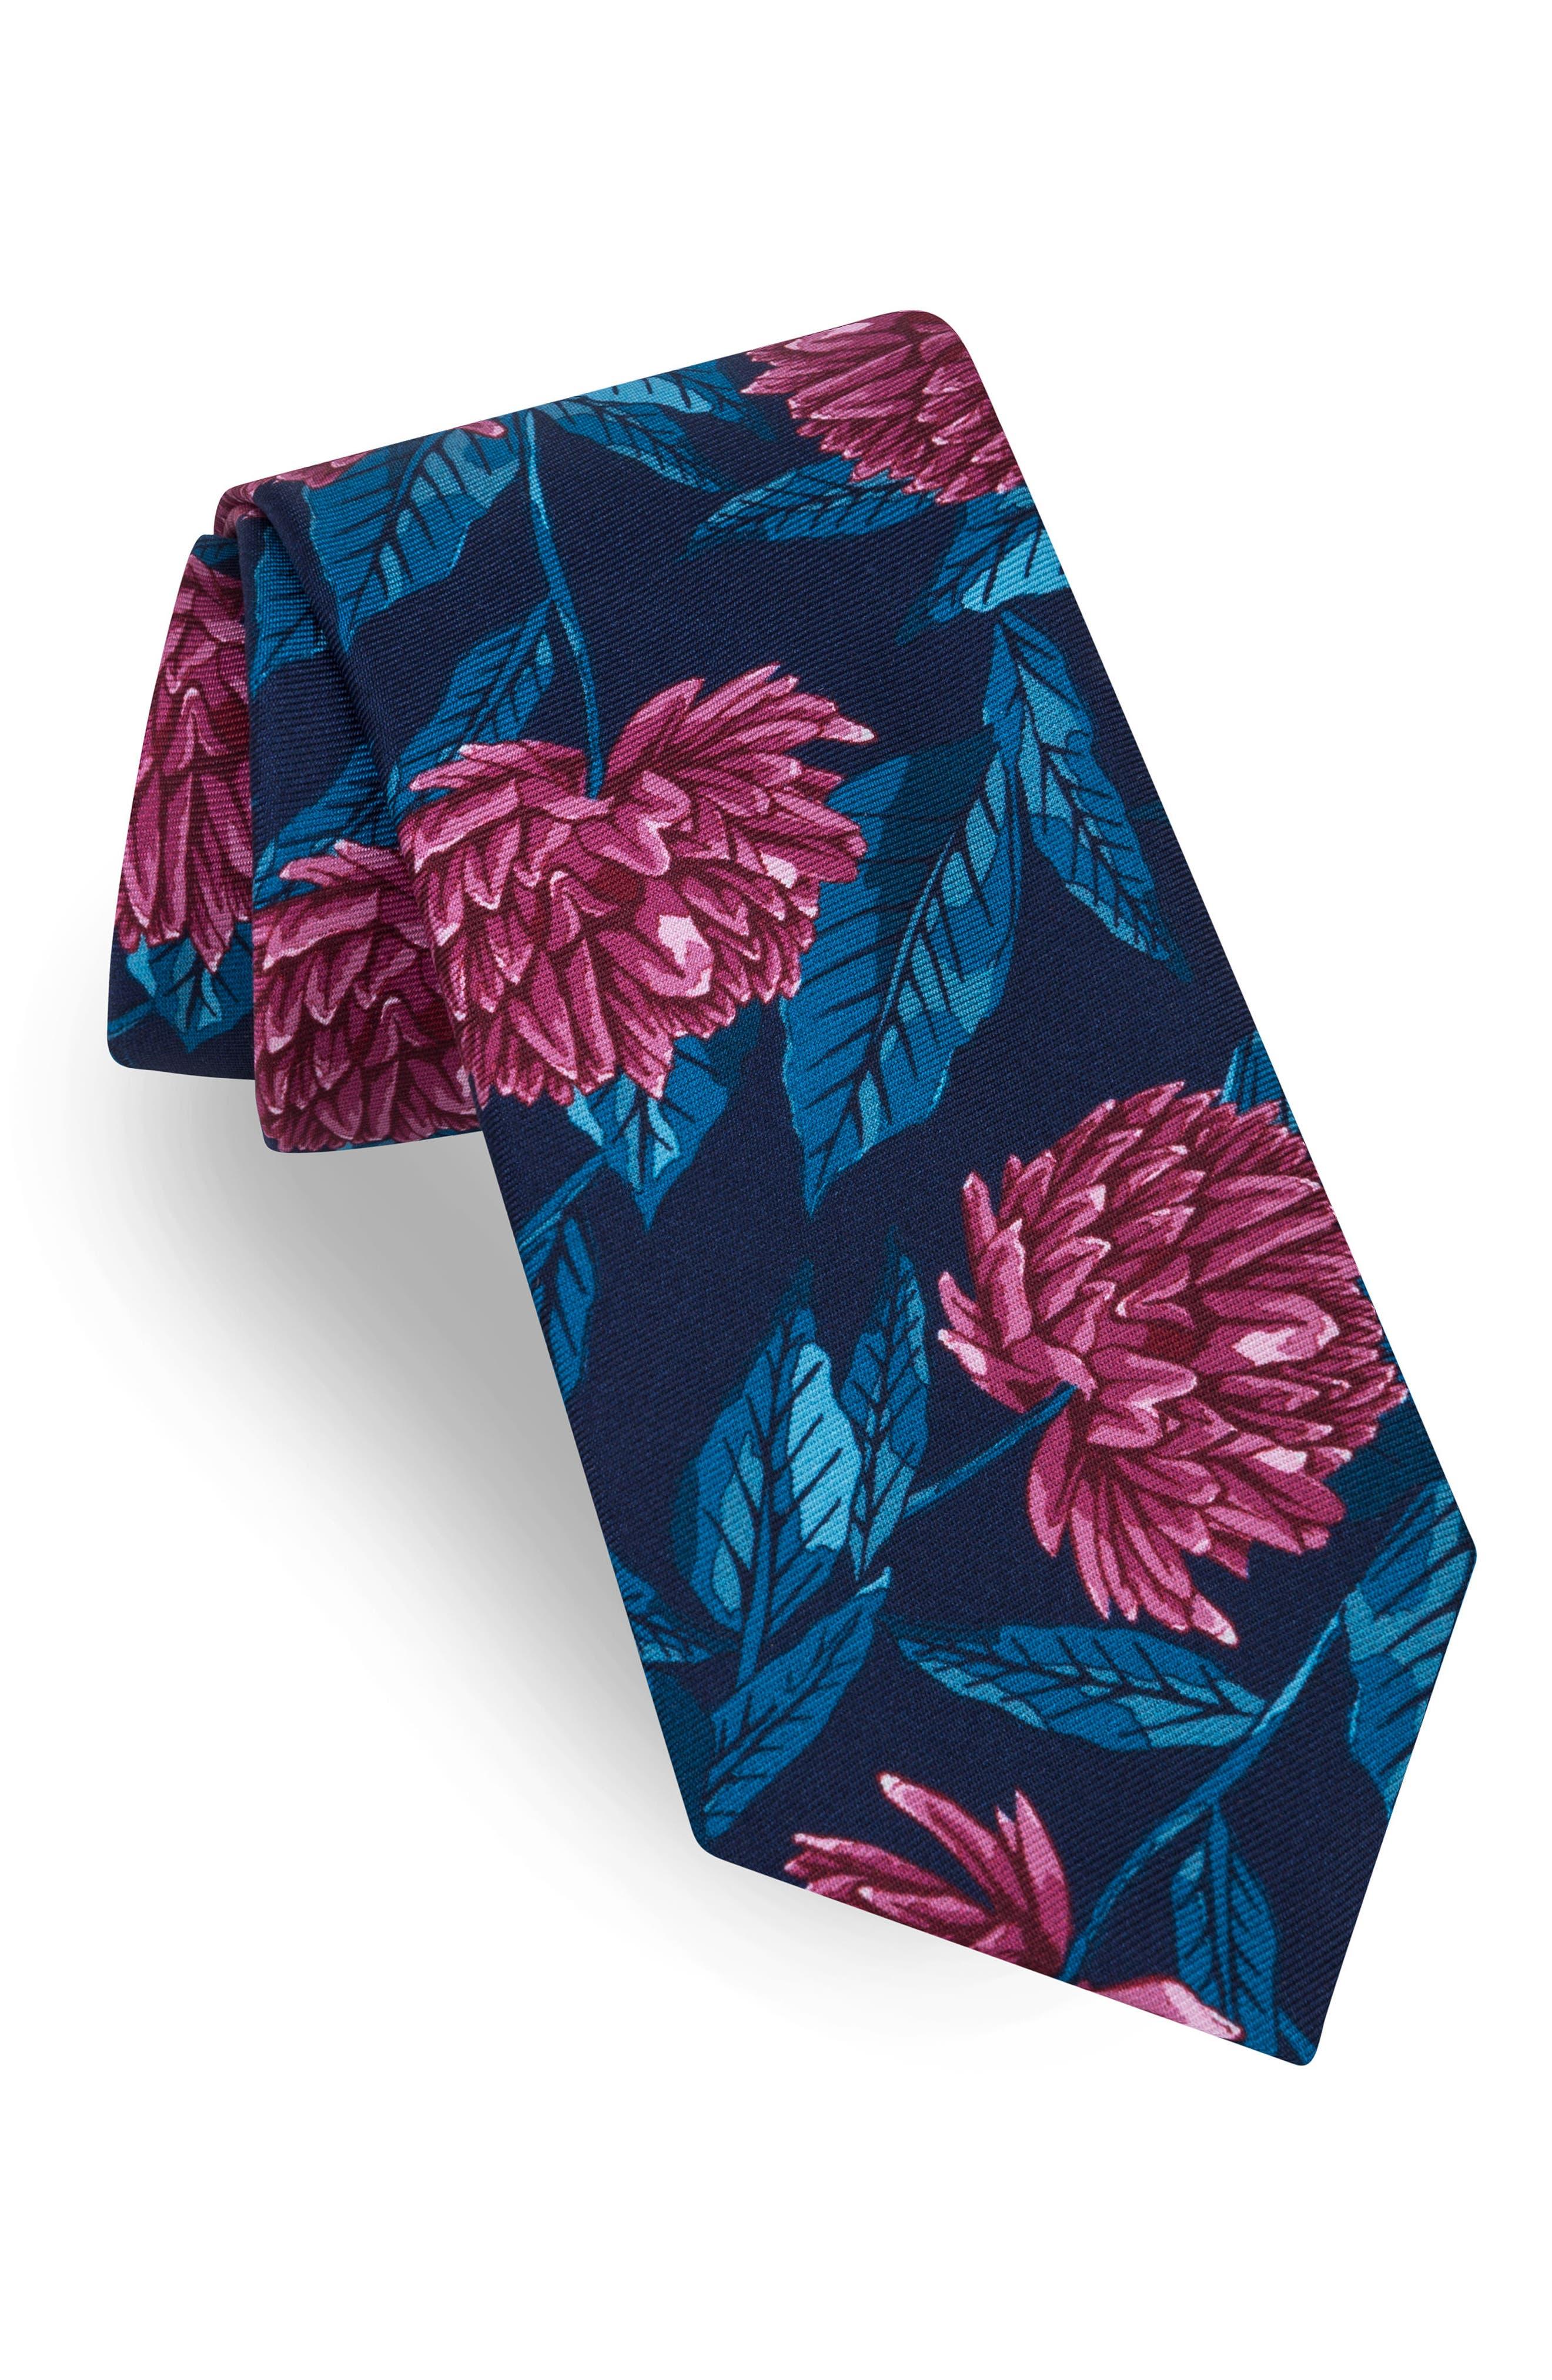 Oversize Flower Tie,                             Main thumbnail 1, color,